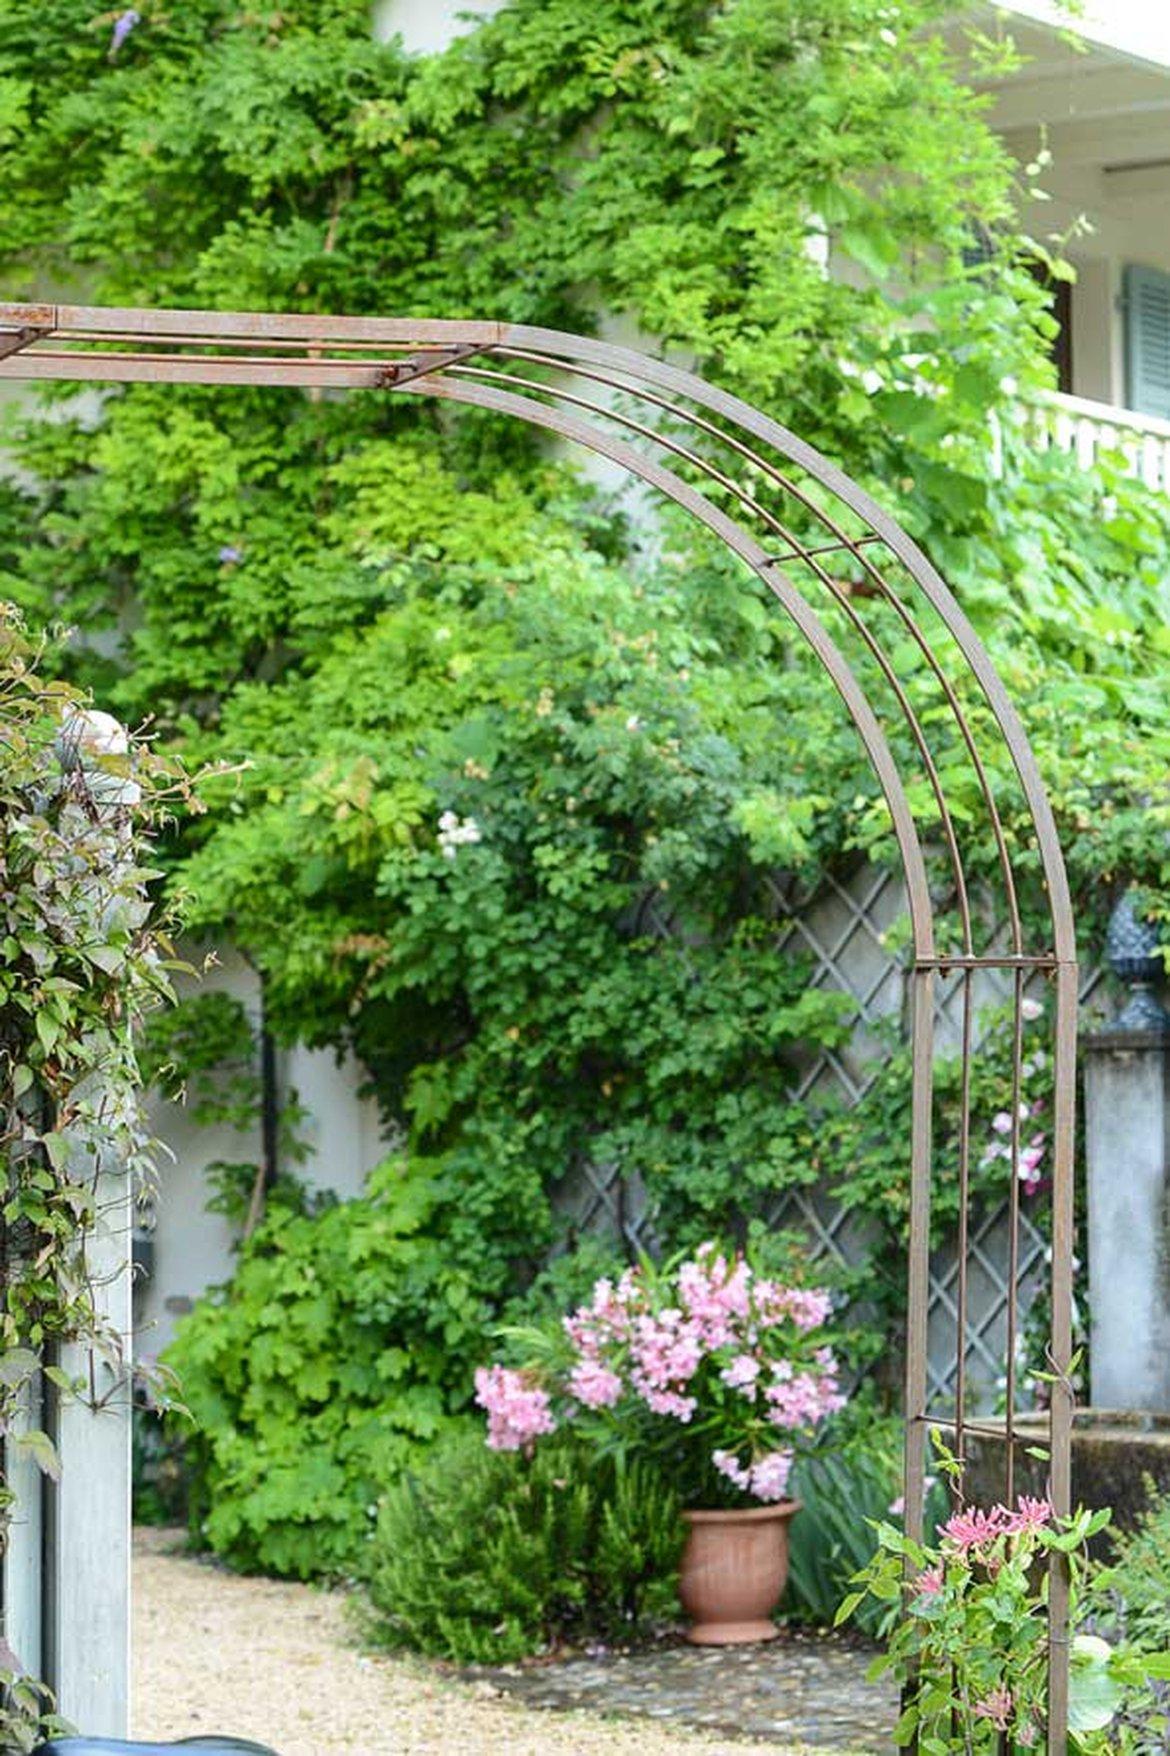 Repensez L'aménagement De Votre Jardin | Schilliger concernant Arceau De Jardin